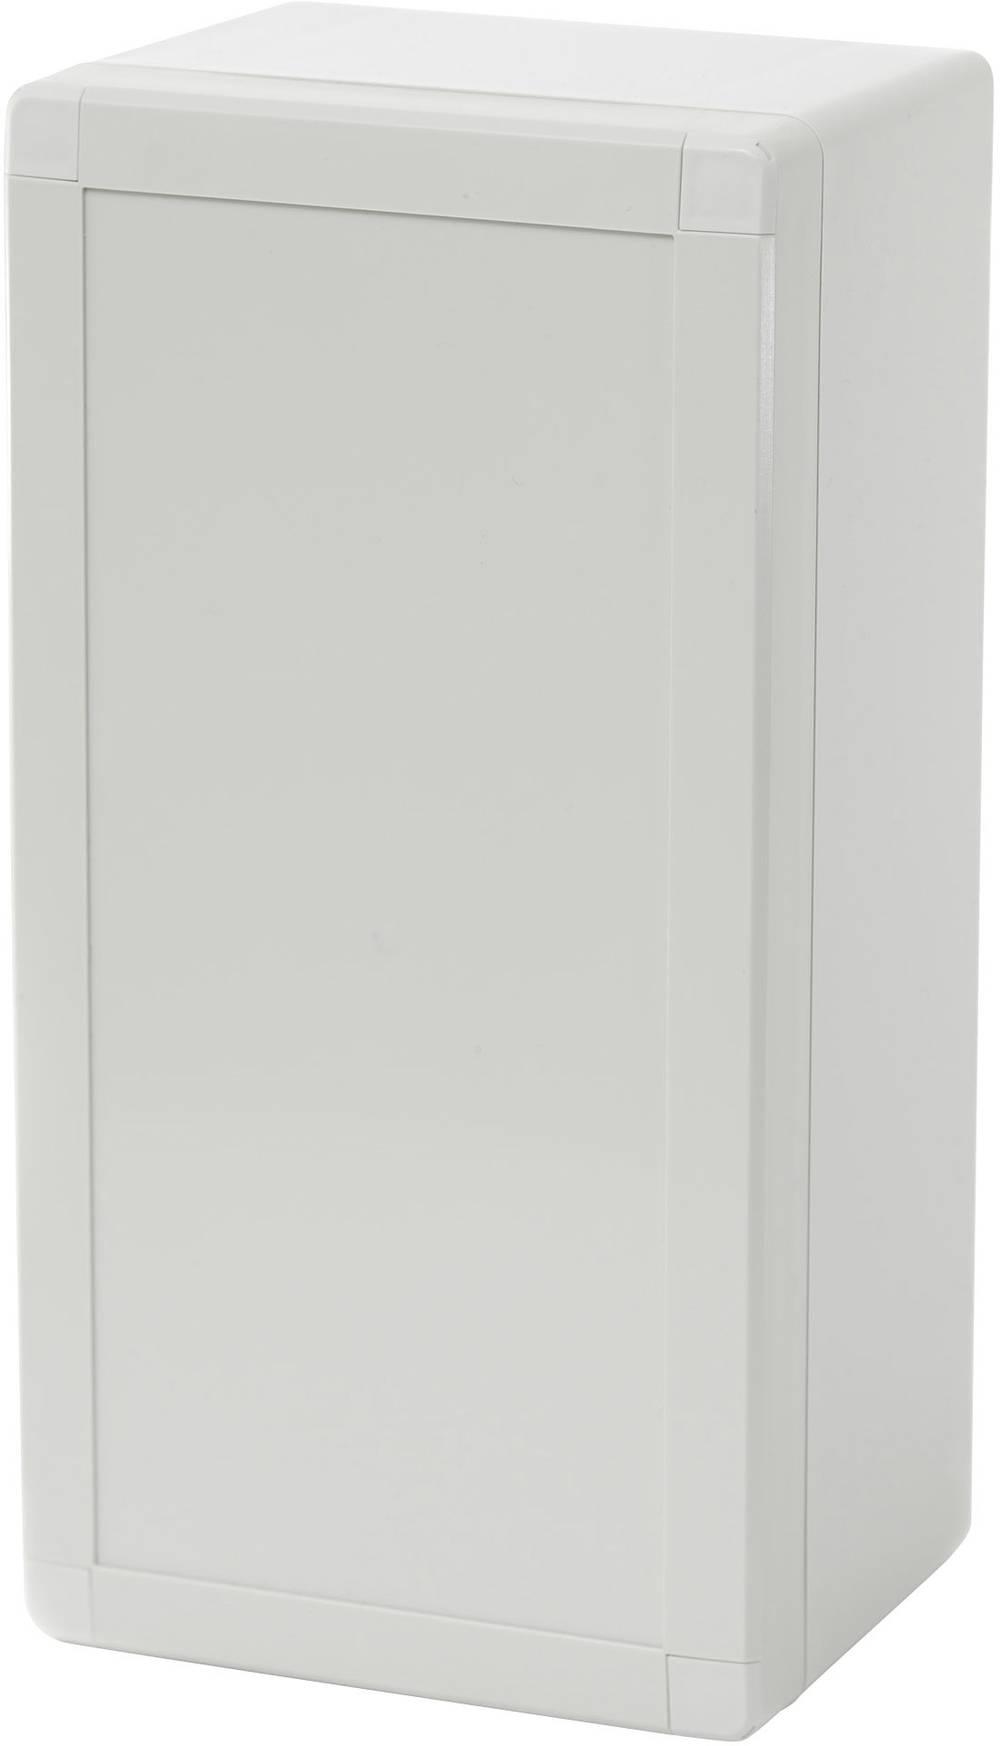 Kabinet til montering på væggen, Installationskabinet Fibox EURONORD 3 PCQ3 122410 244 x 124 x 102 Polycarbonat 1 stk